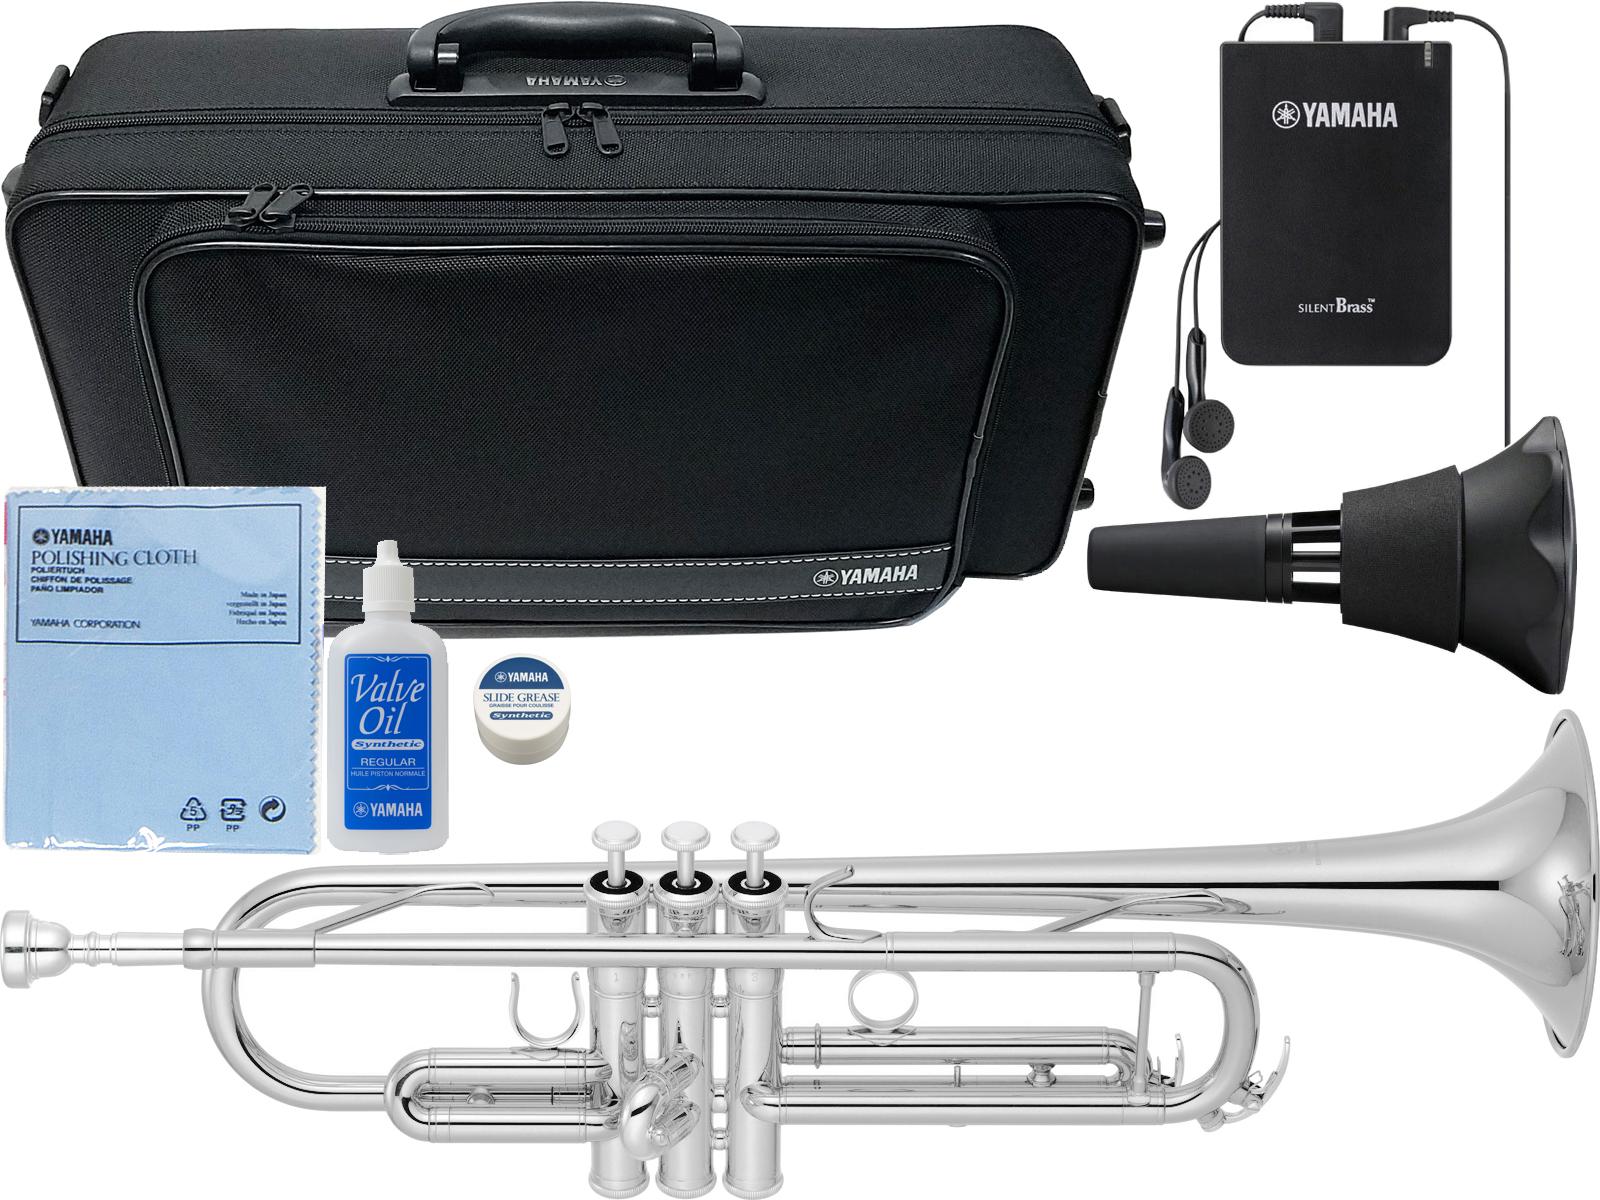 この価格在庫限り YAMAHA ( ヤマハ ) YTR-4335GS2 銀メッキ トランペット 新品 管楽器 本体 サイレントブラス SB7X trumpet YTR-4335GS-2 【 YTR-4335GSII セット C】 送料無料